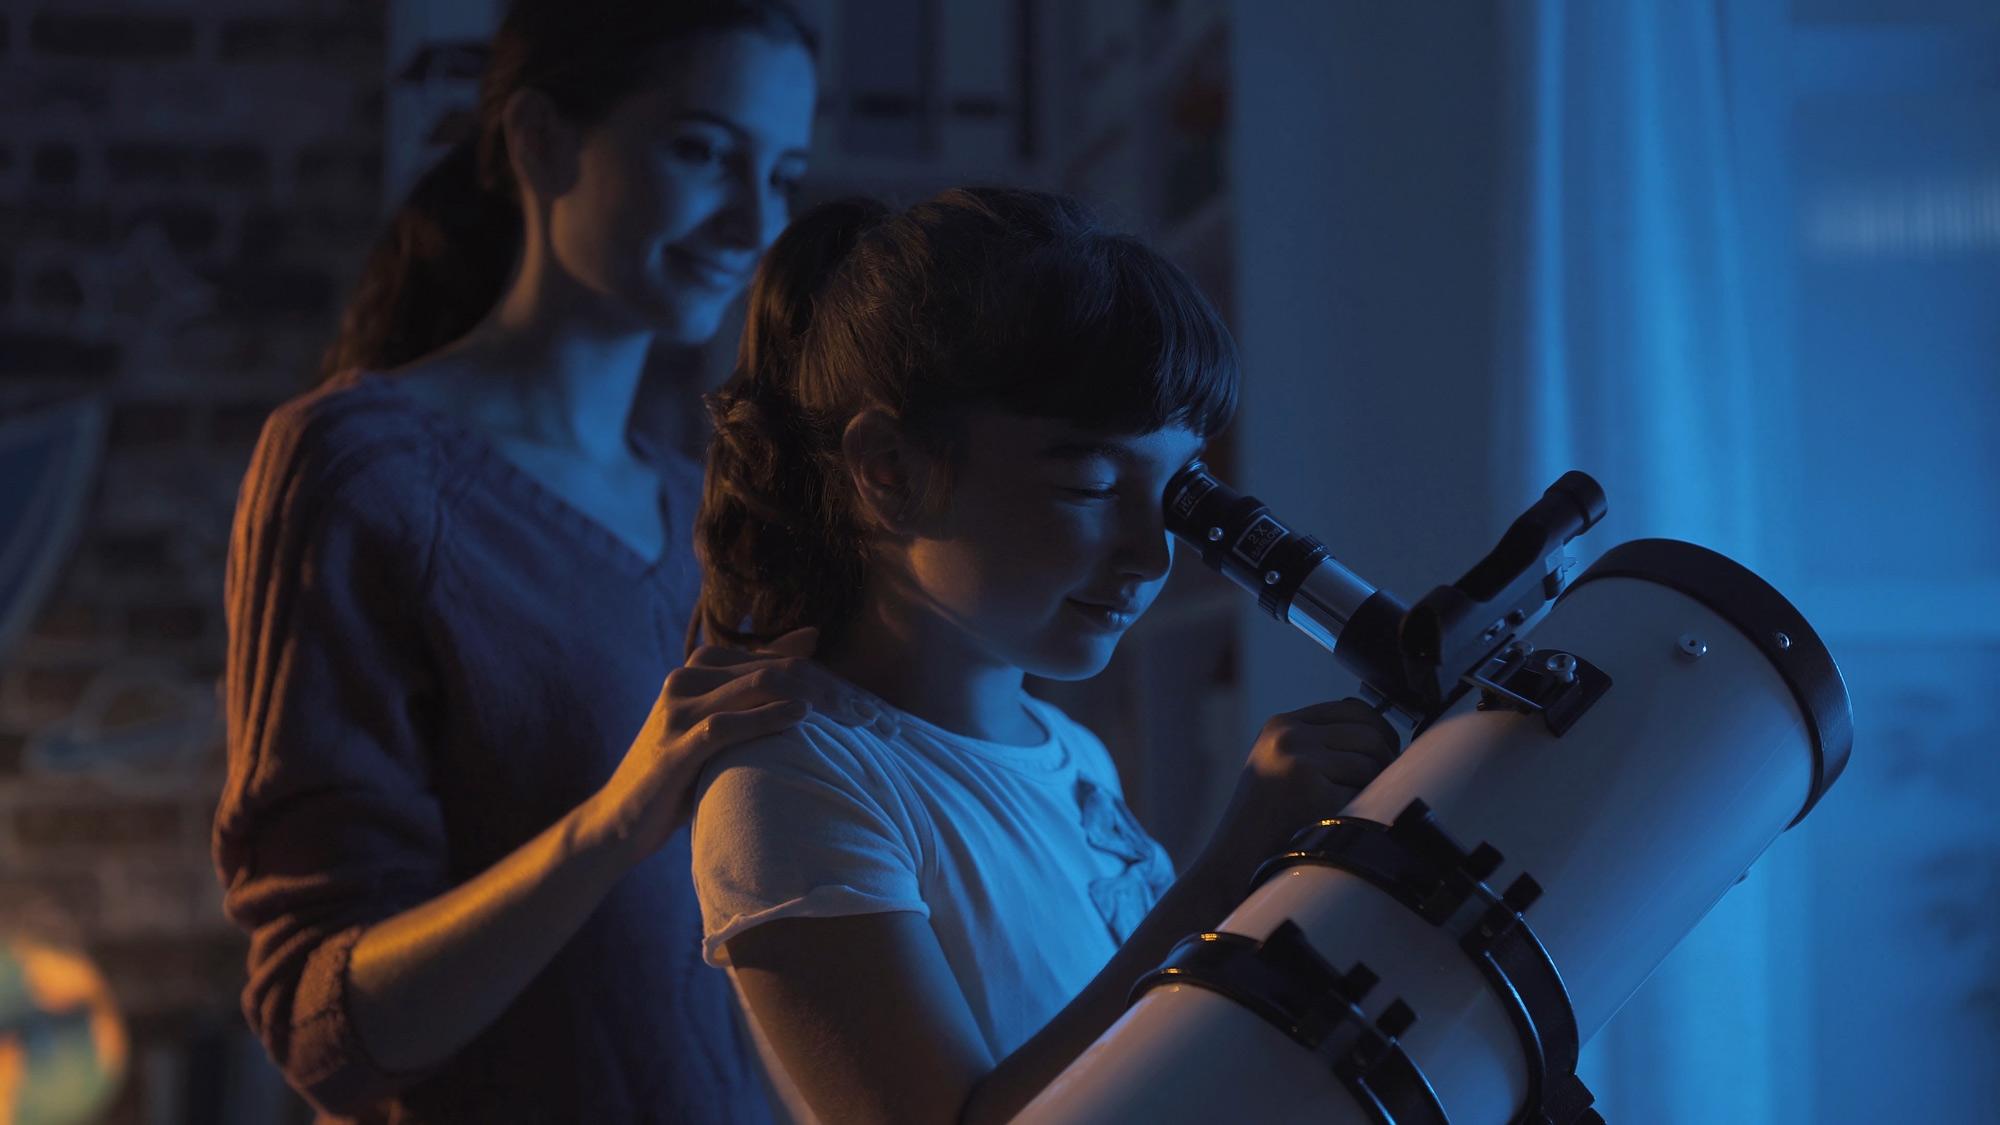 Mutter und Tochter - Sterne beobachten